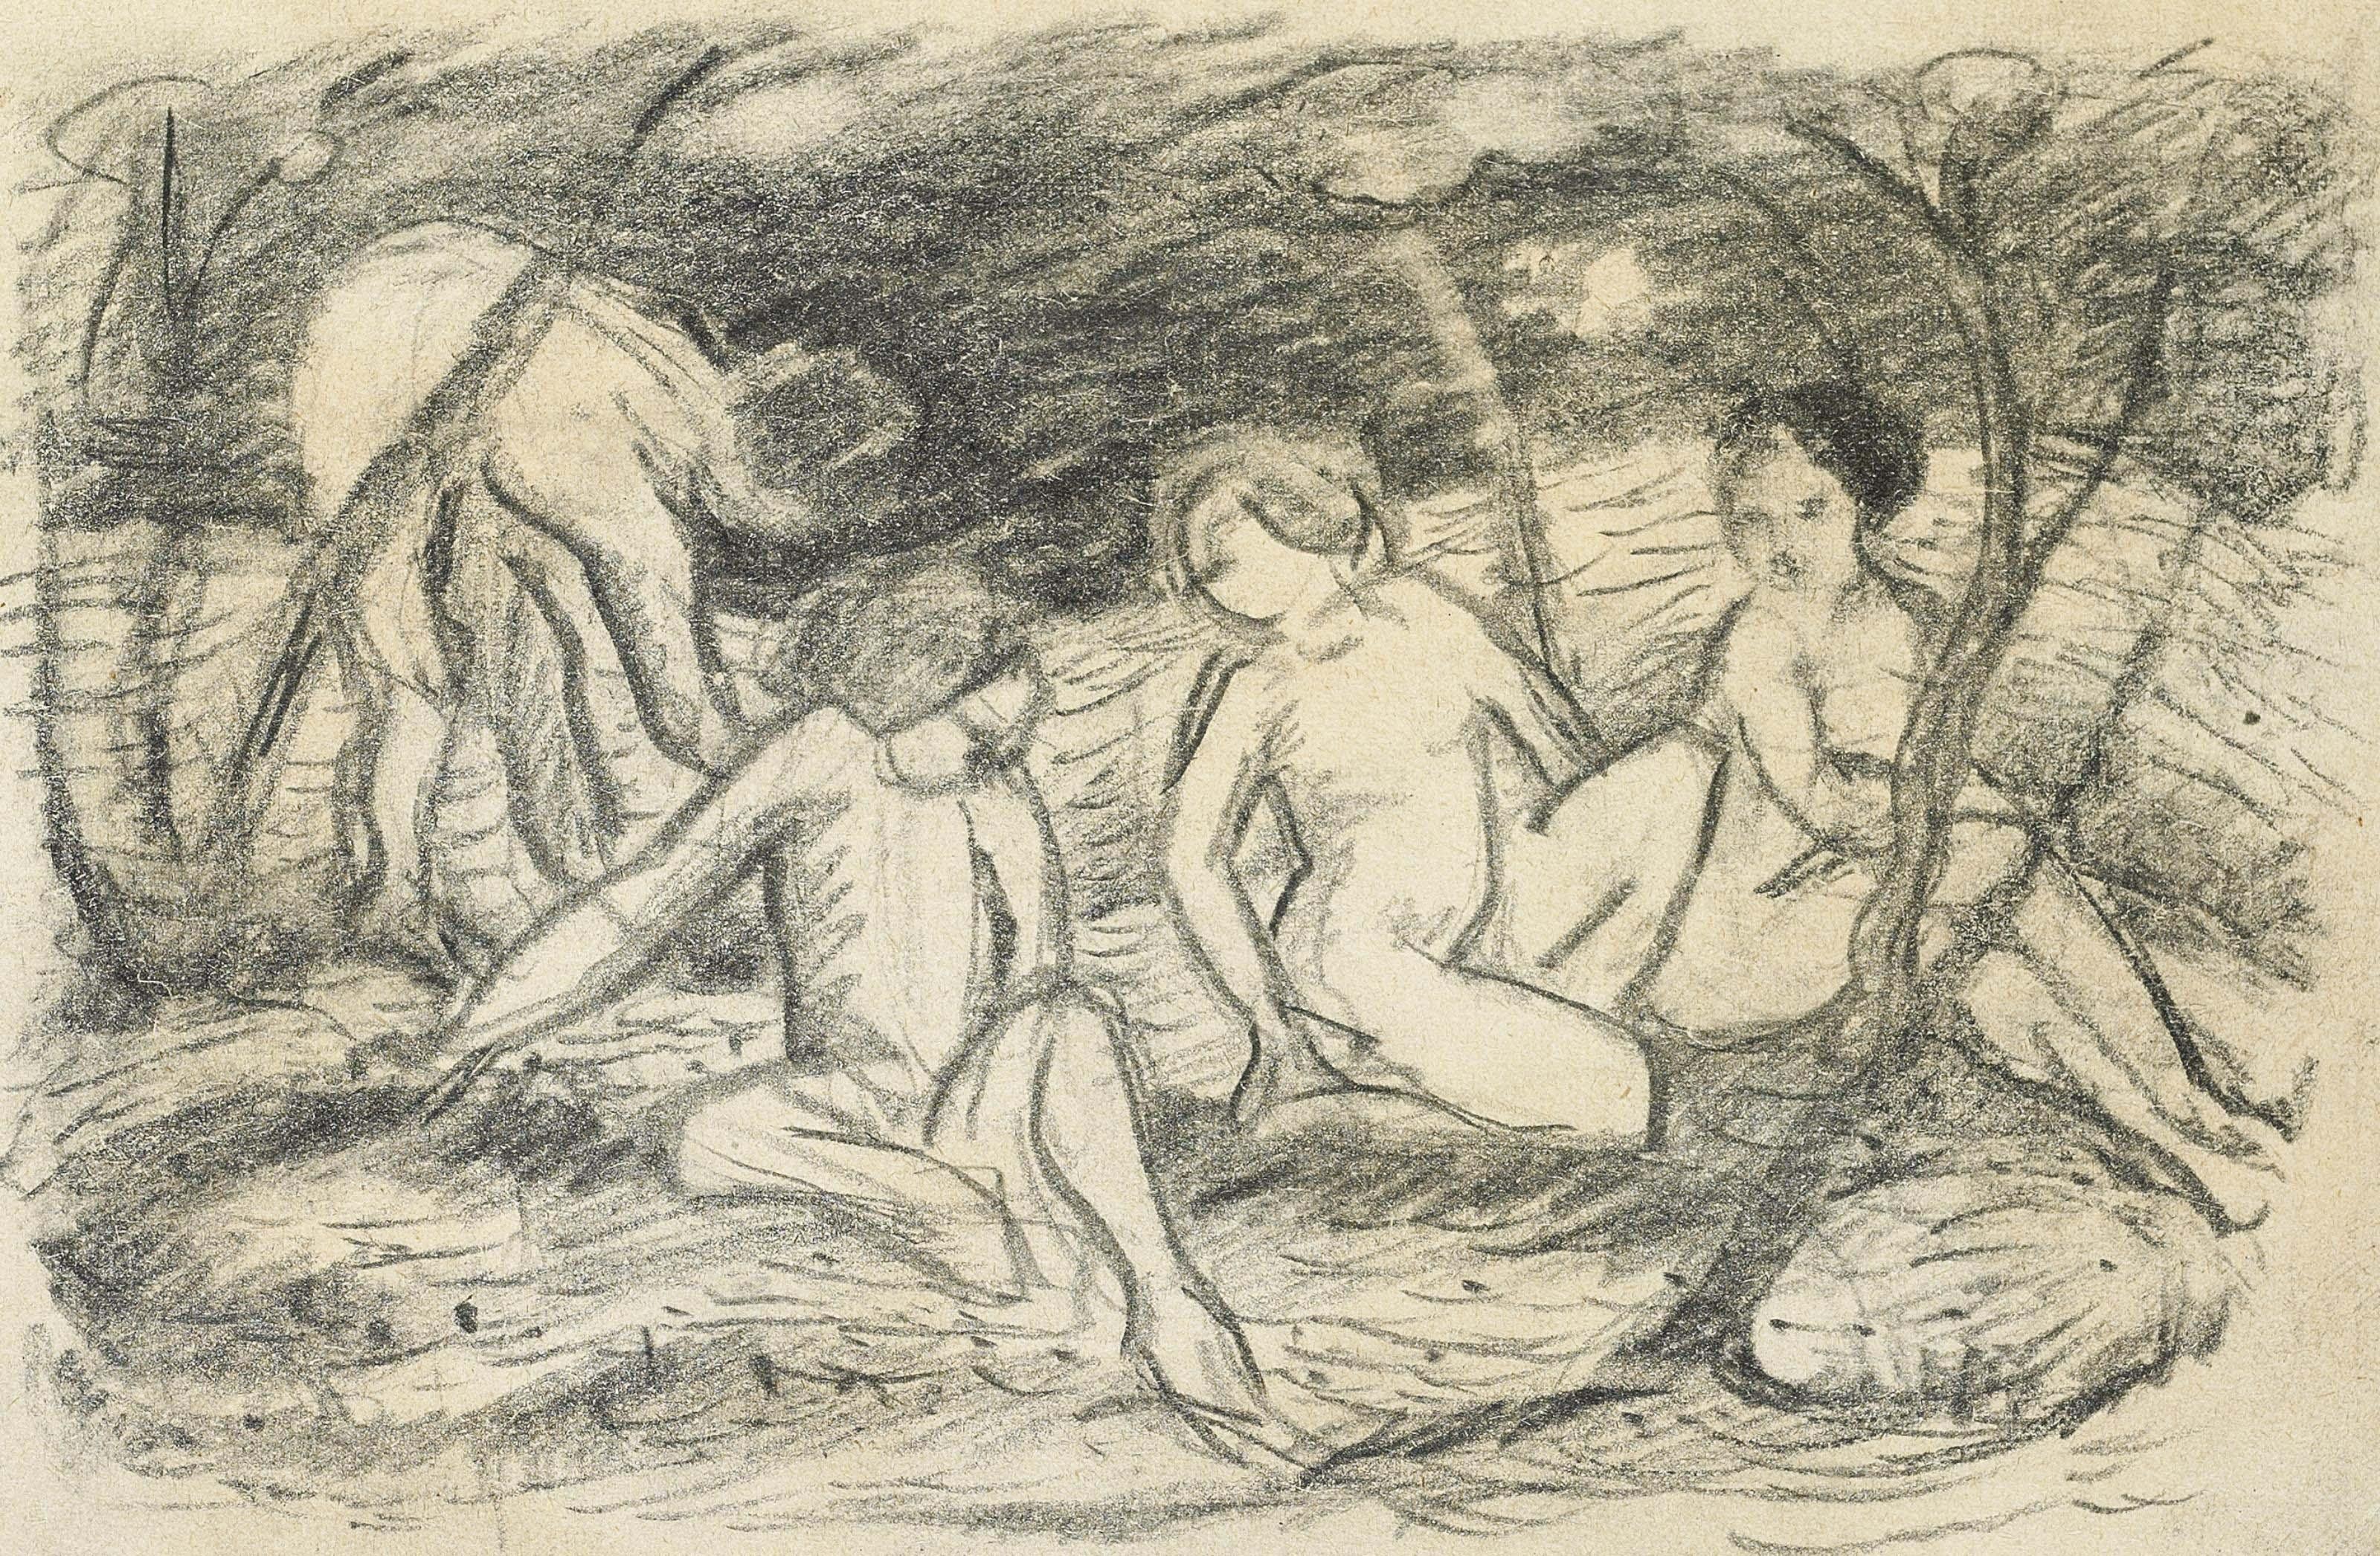 Vier weibliche Akte in einer Landschaft